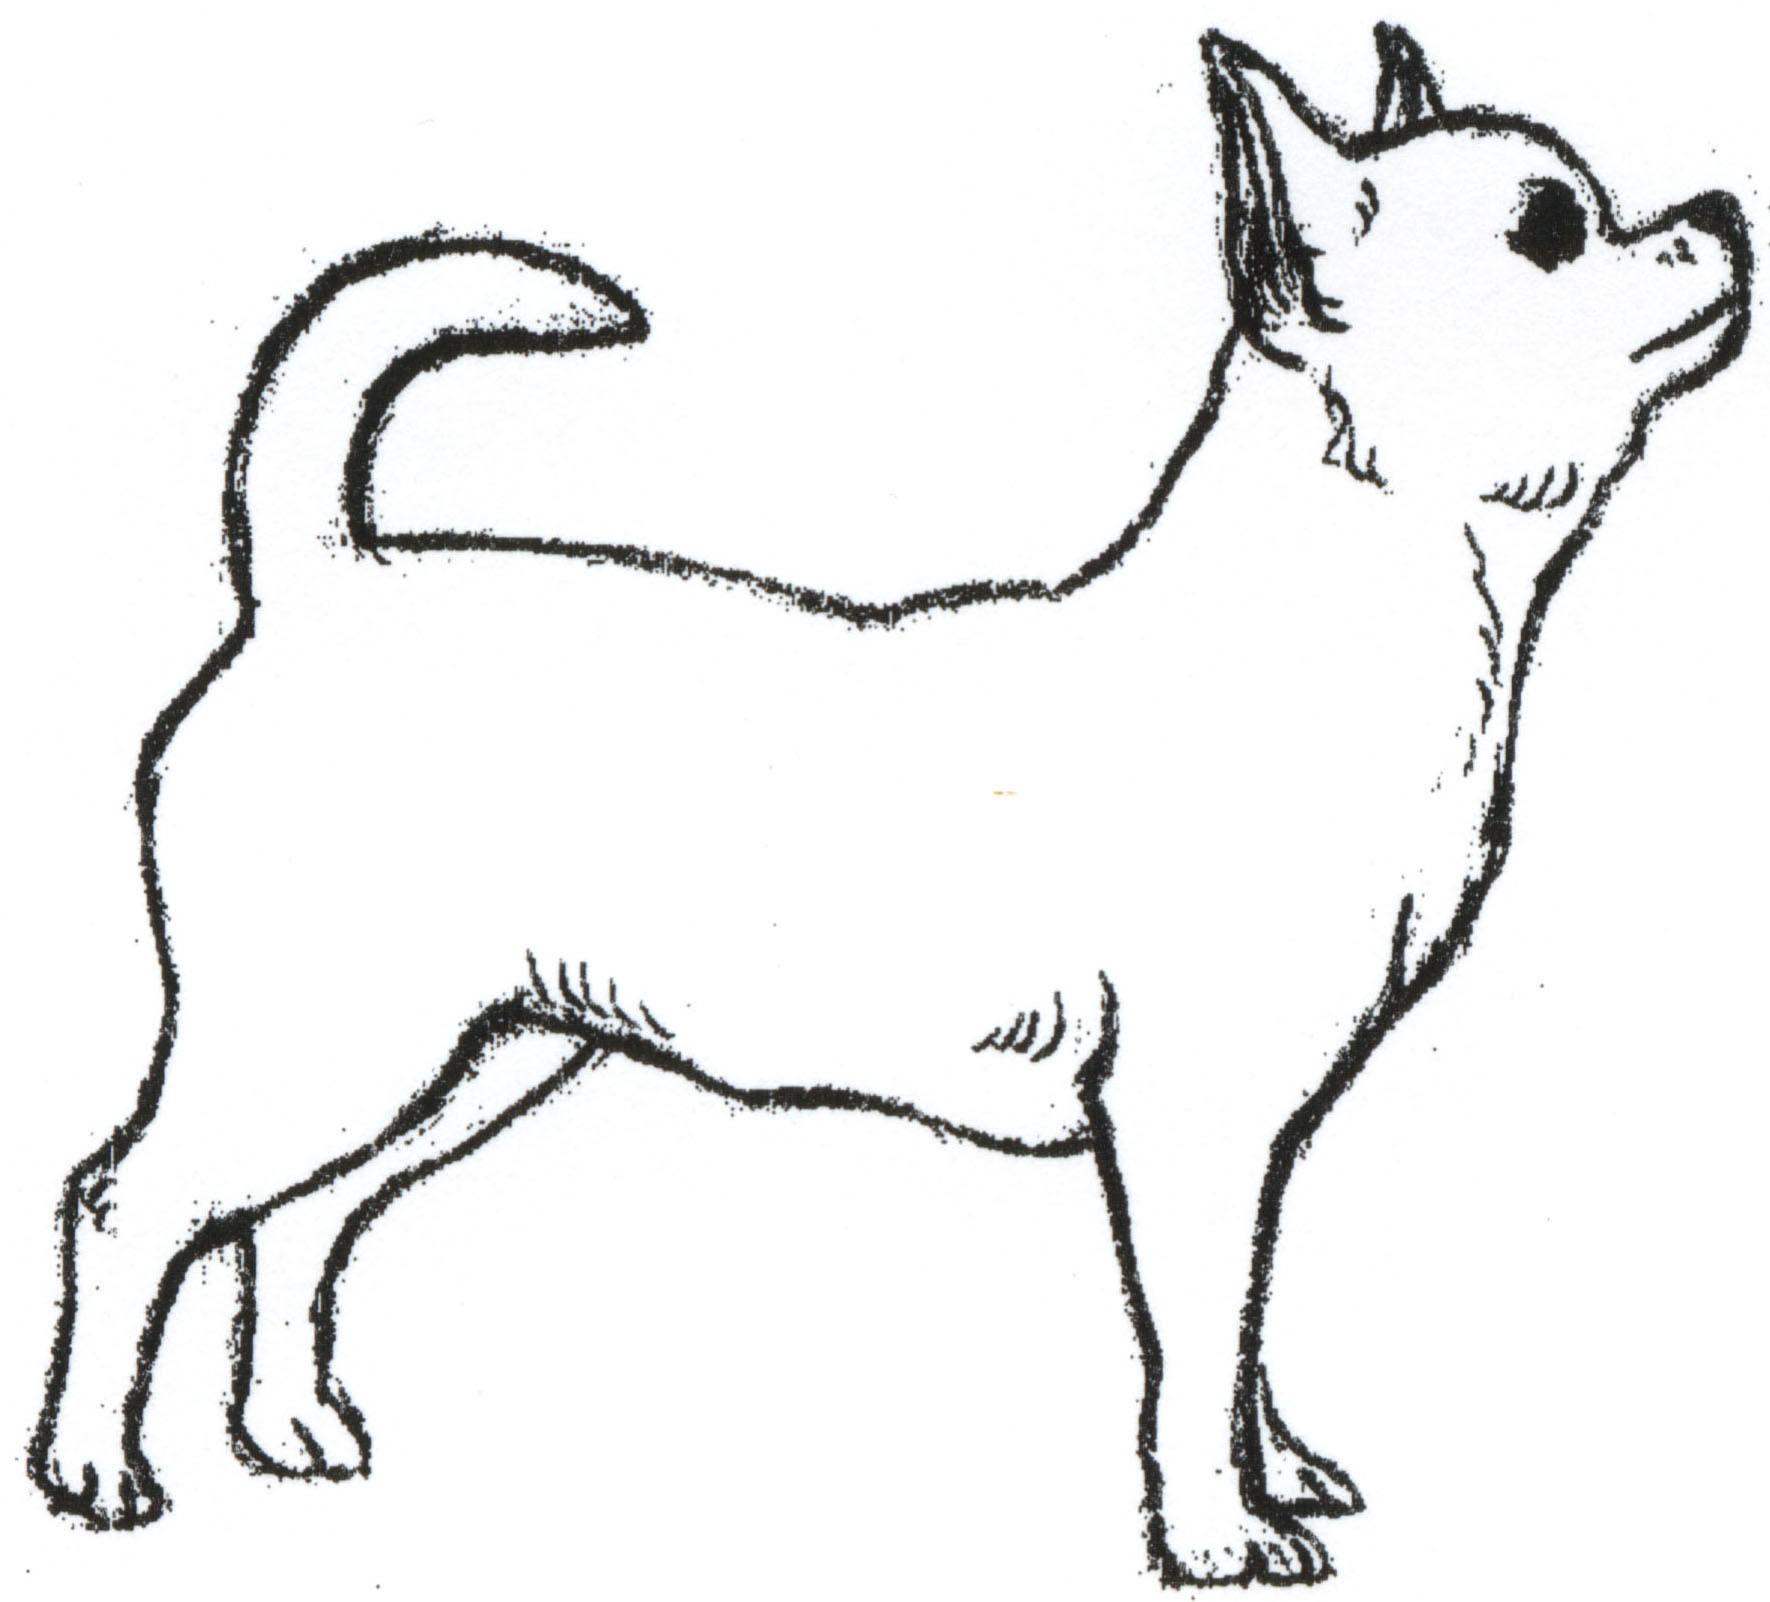 Chihuahua clipart chiwawa. Drawings of chihuahuas pencil